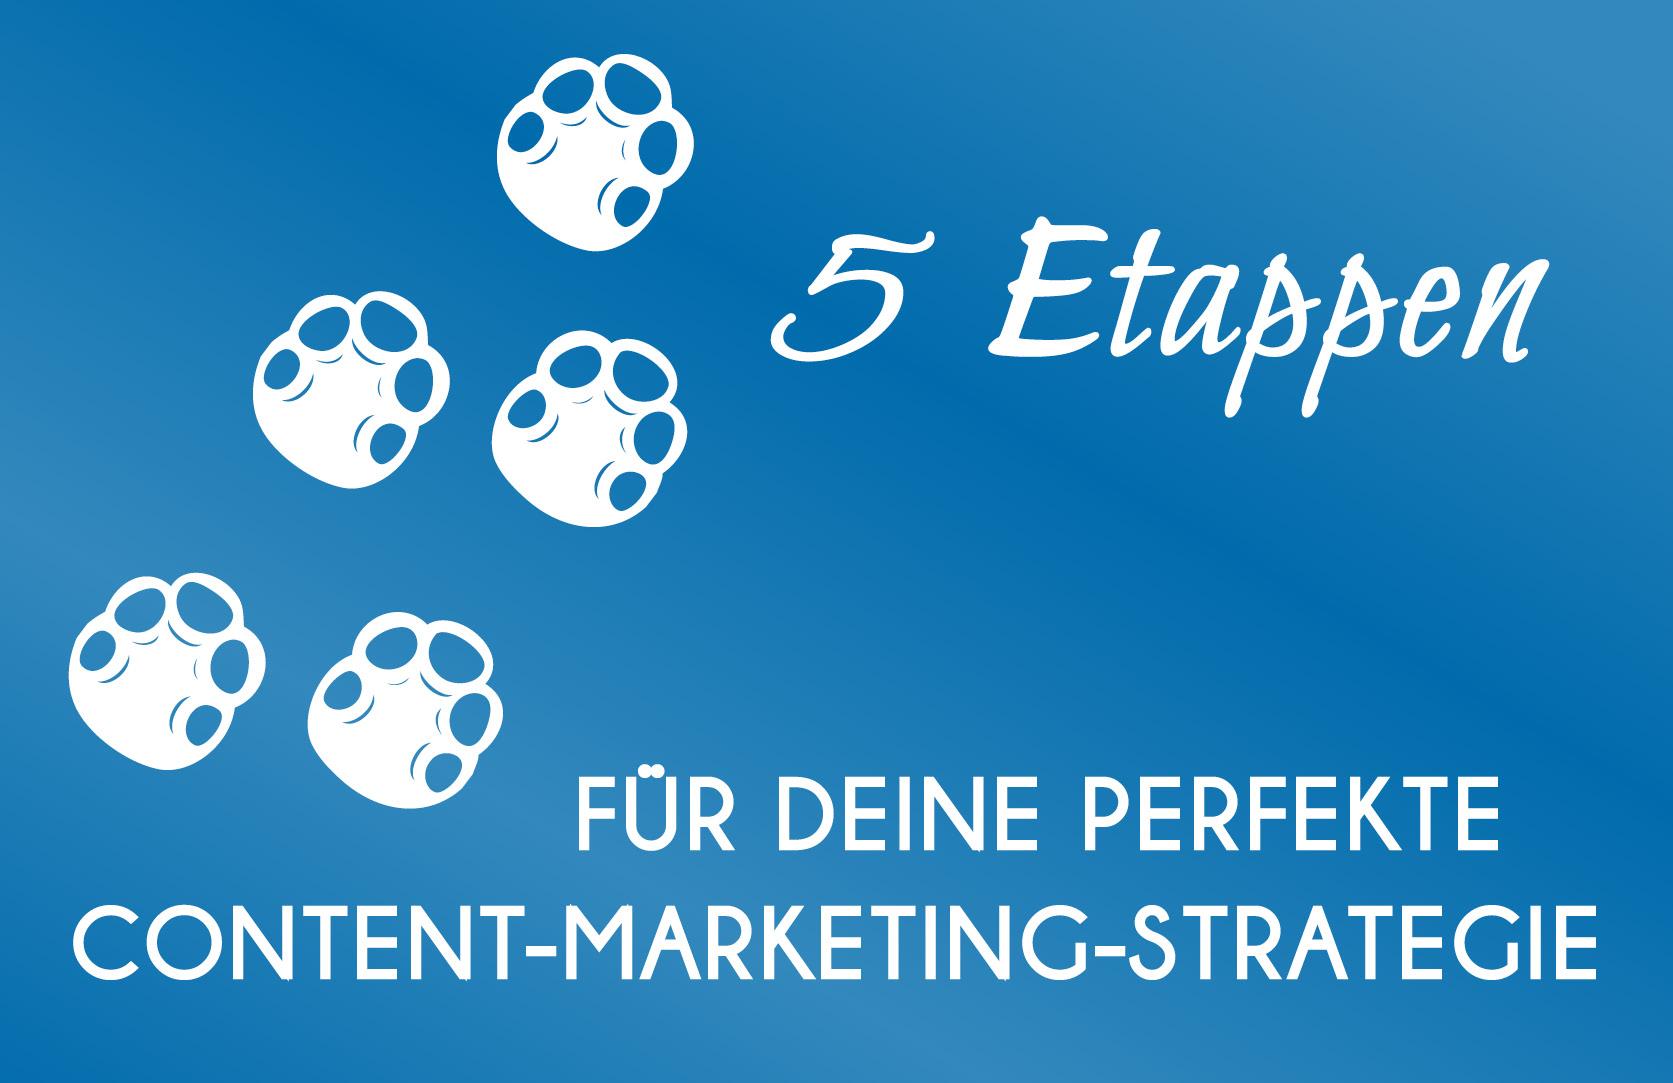 Content-Marketing - 5 Etappen zum erfolreichen Content-Marketing